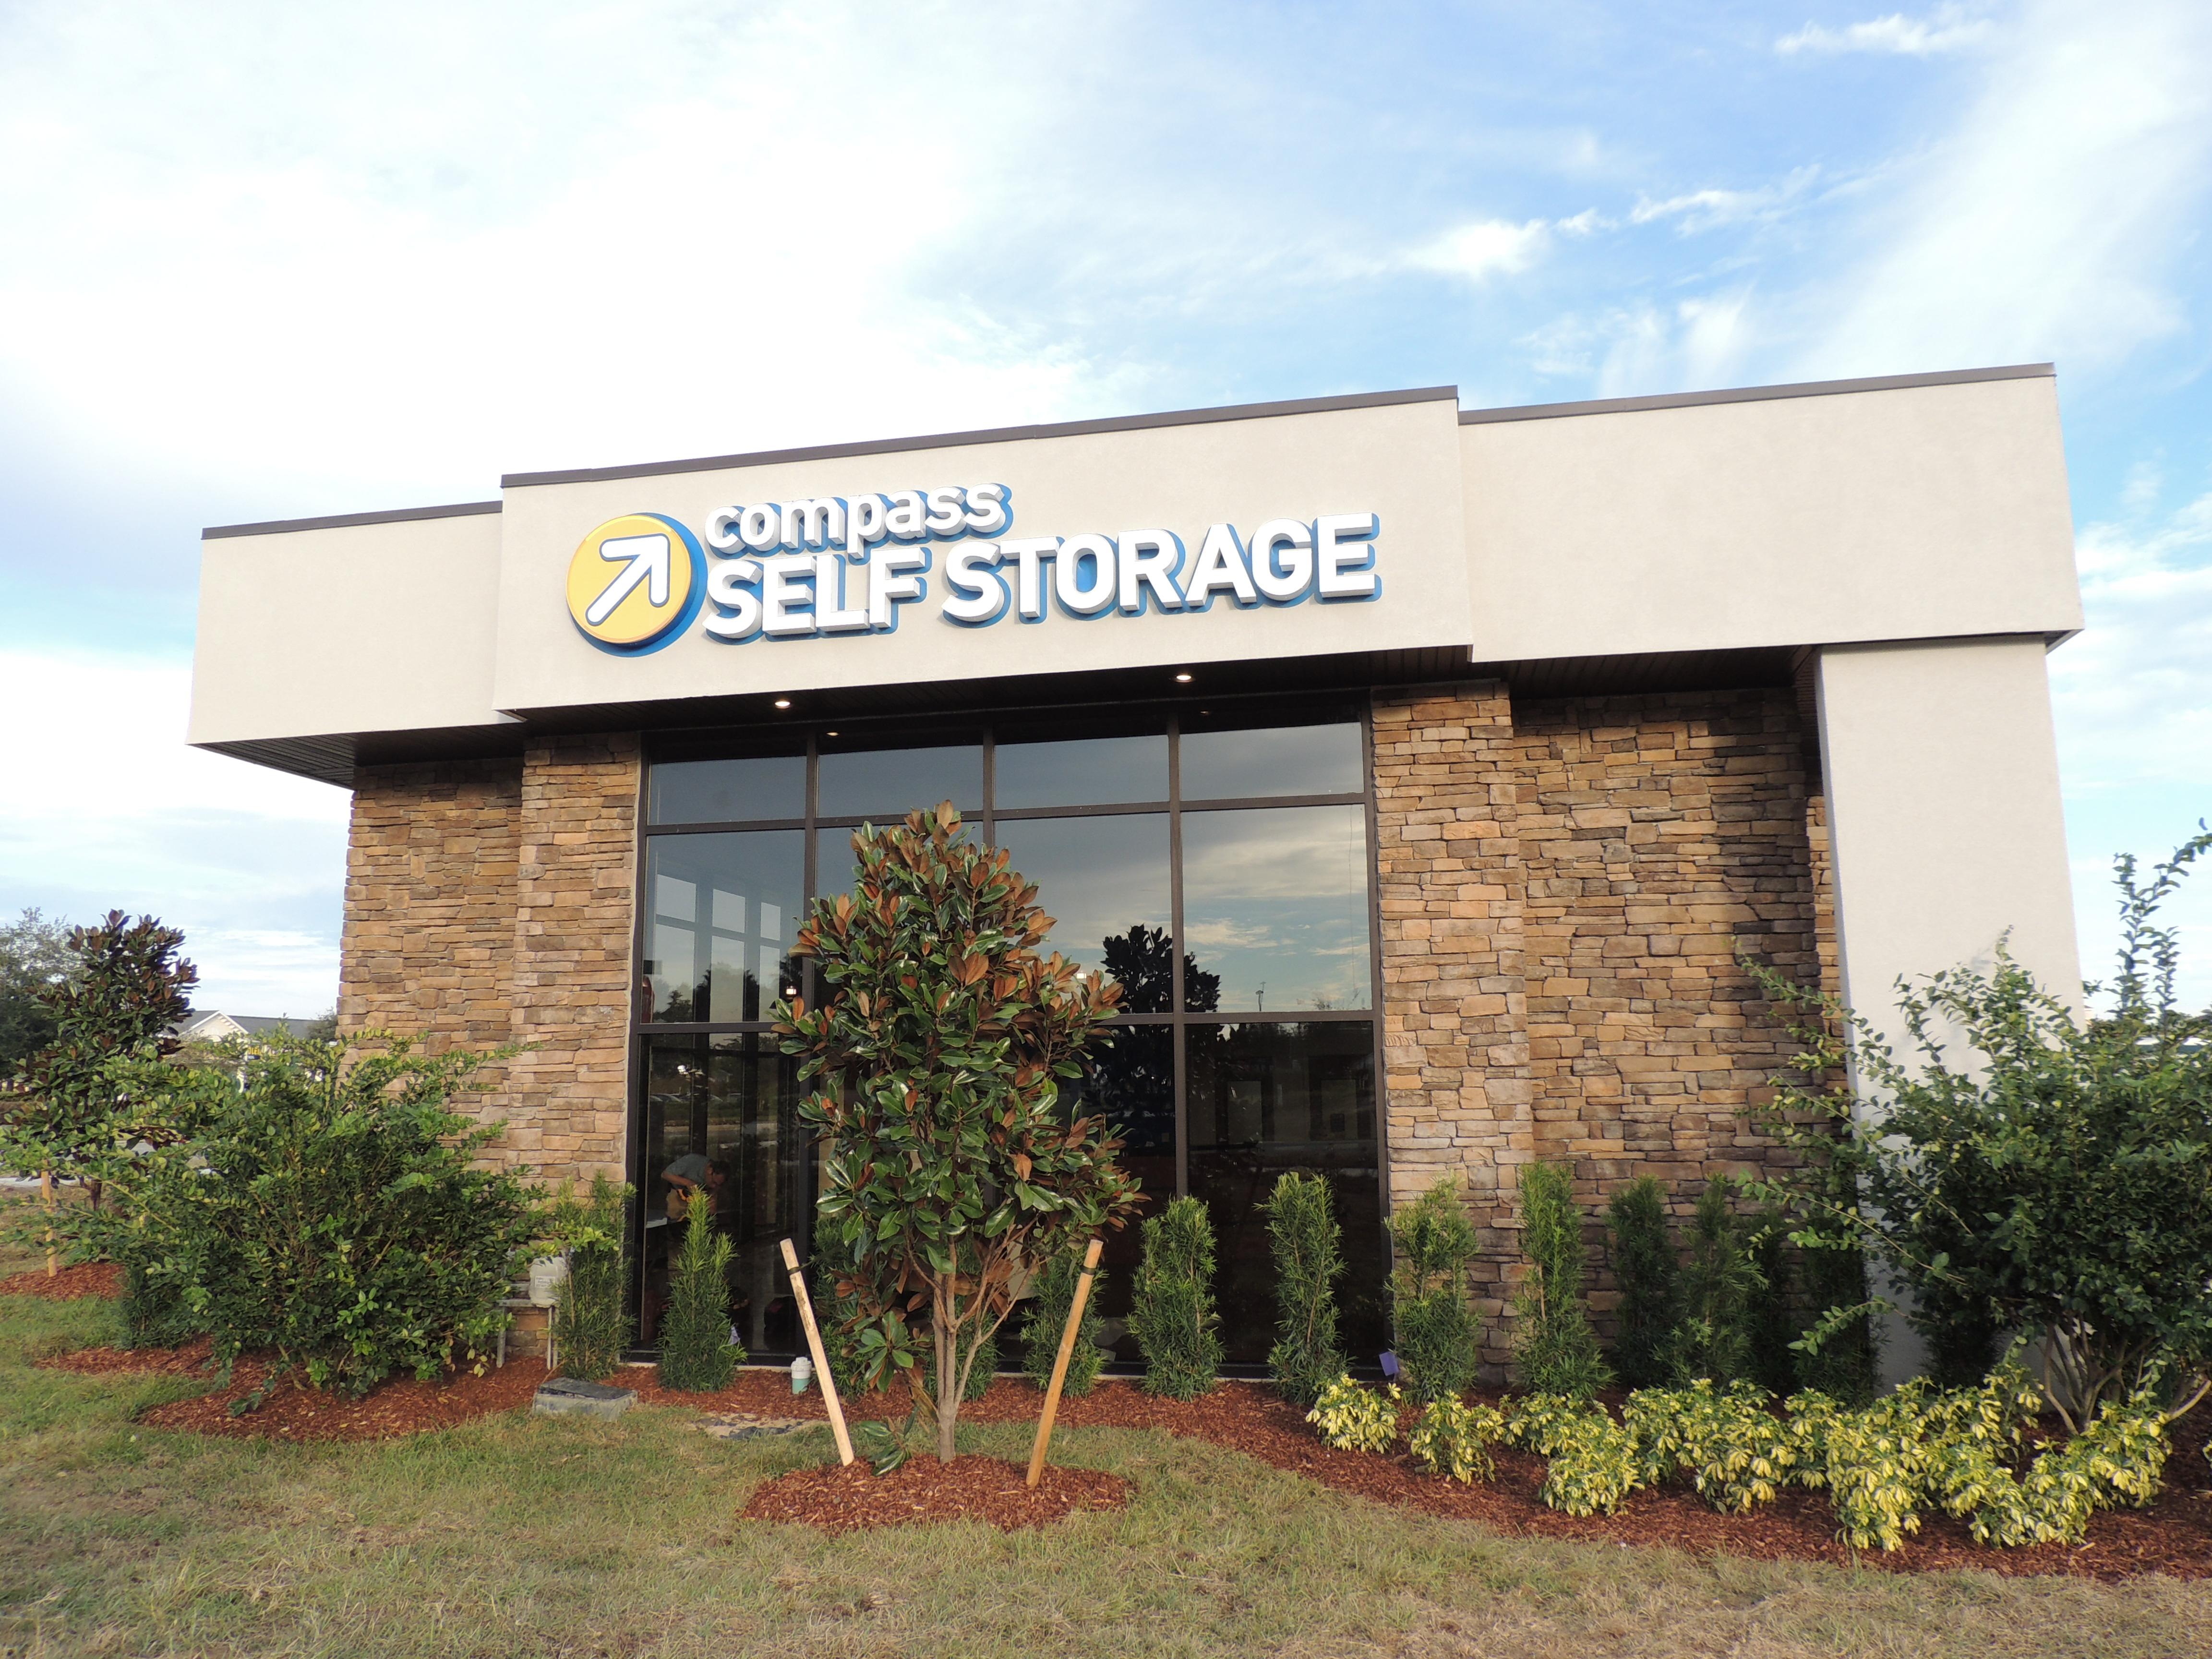 Compass Self Storage image 2